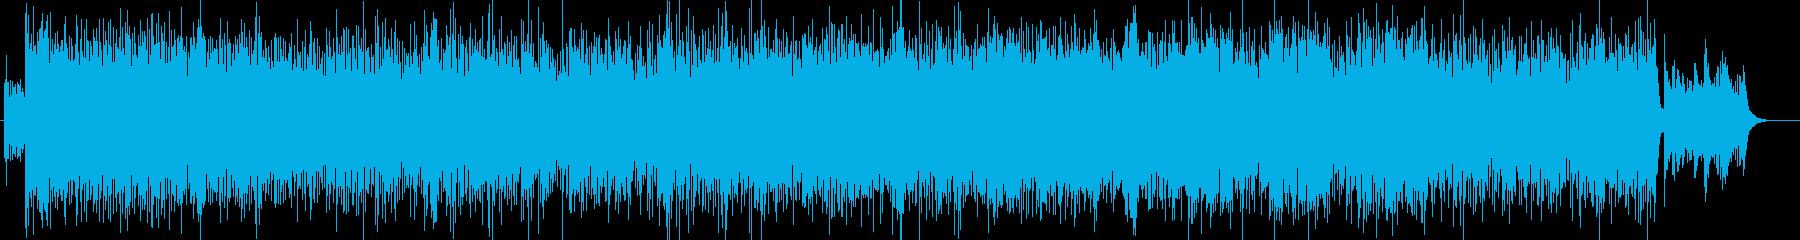 熱狂のゴスペルライブ 手拍子タンバリンの再生済みの波形